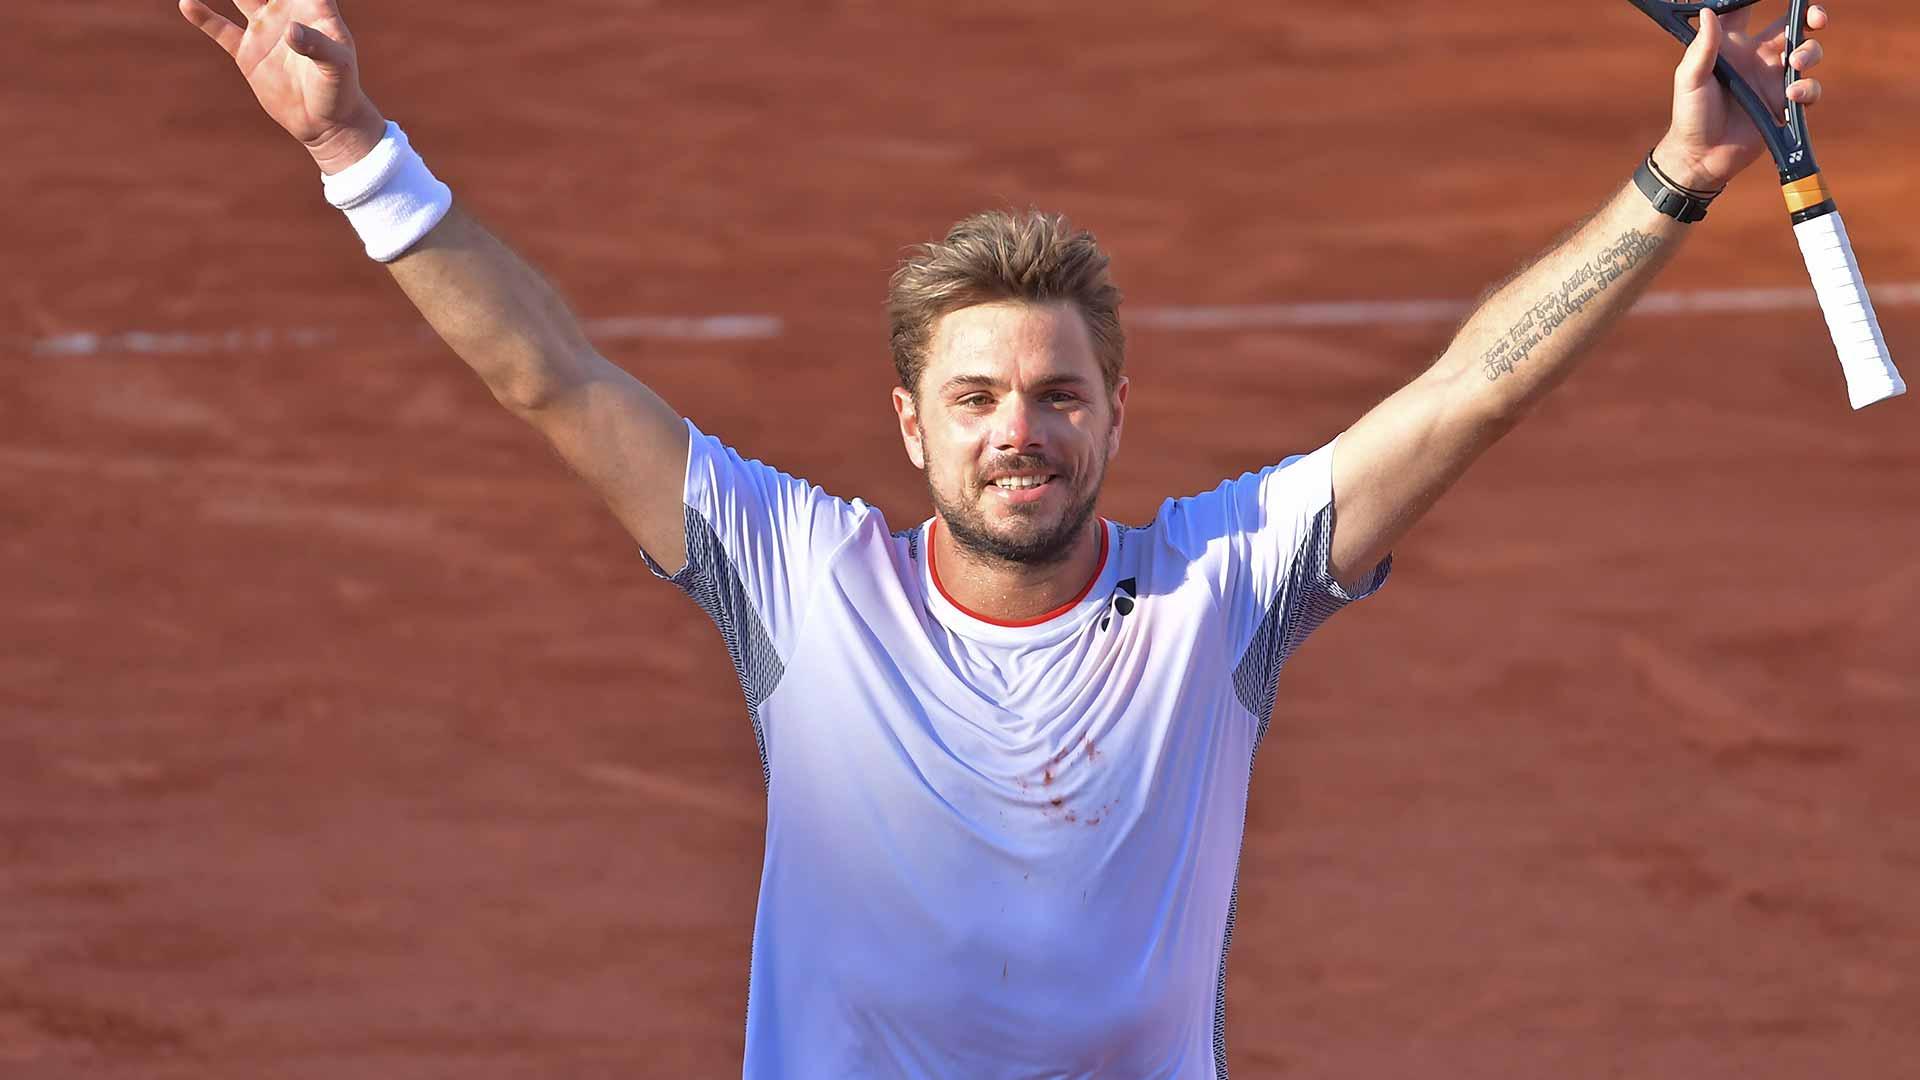 <a href='https://www.atptour.com/en/players/stan-wawrinka/w367/overview'>Stan Wawrinka</a> beats <a href='https://www.atptour.com/en/players/stefanos-tsitsipas/te51/overview'>Stefanos Tsitsipas</a>